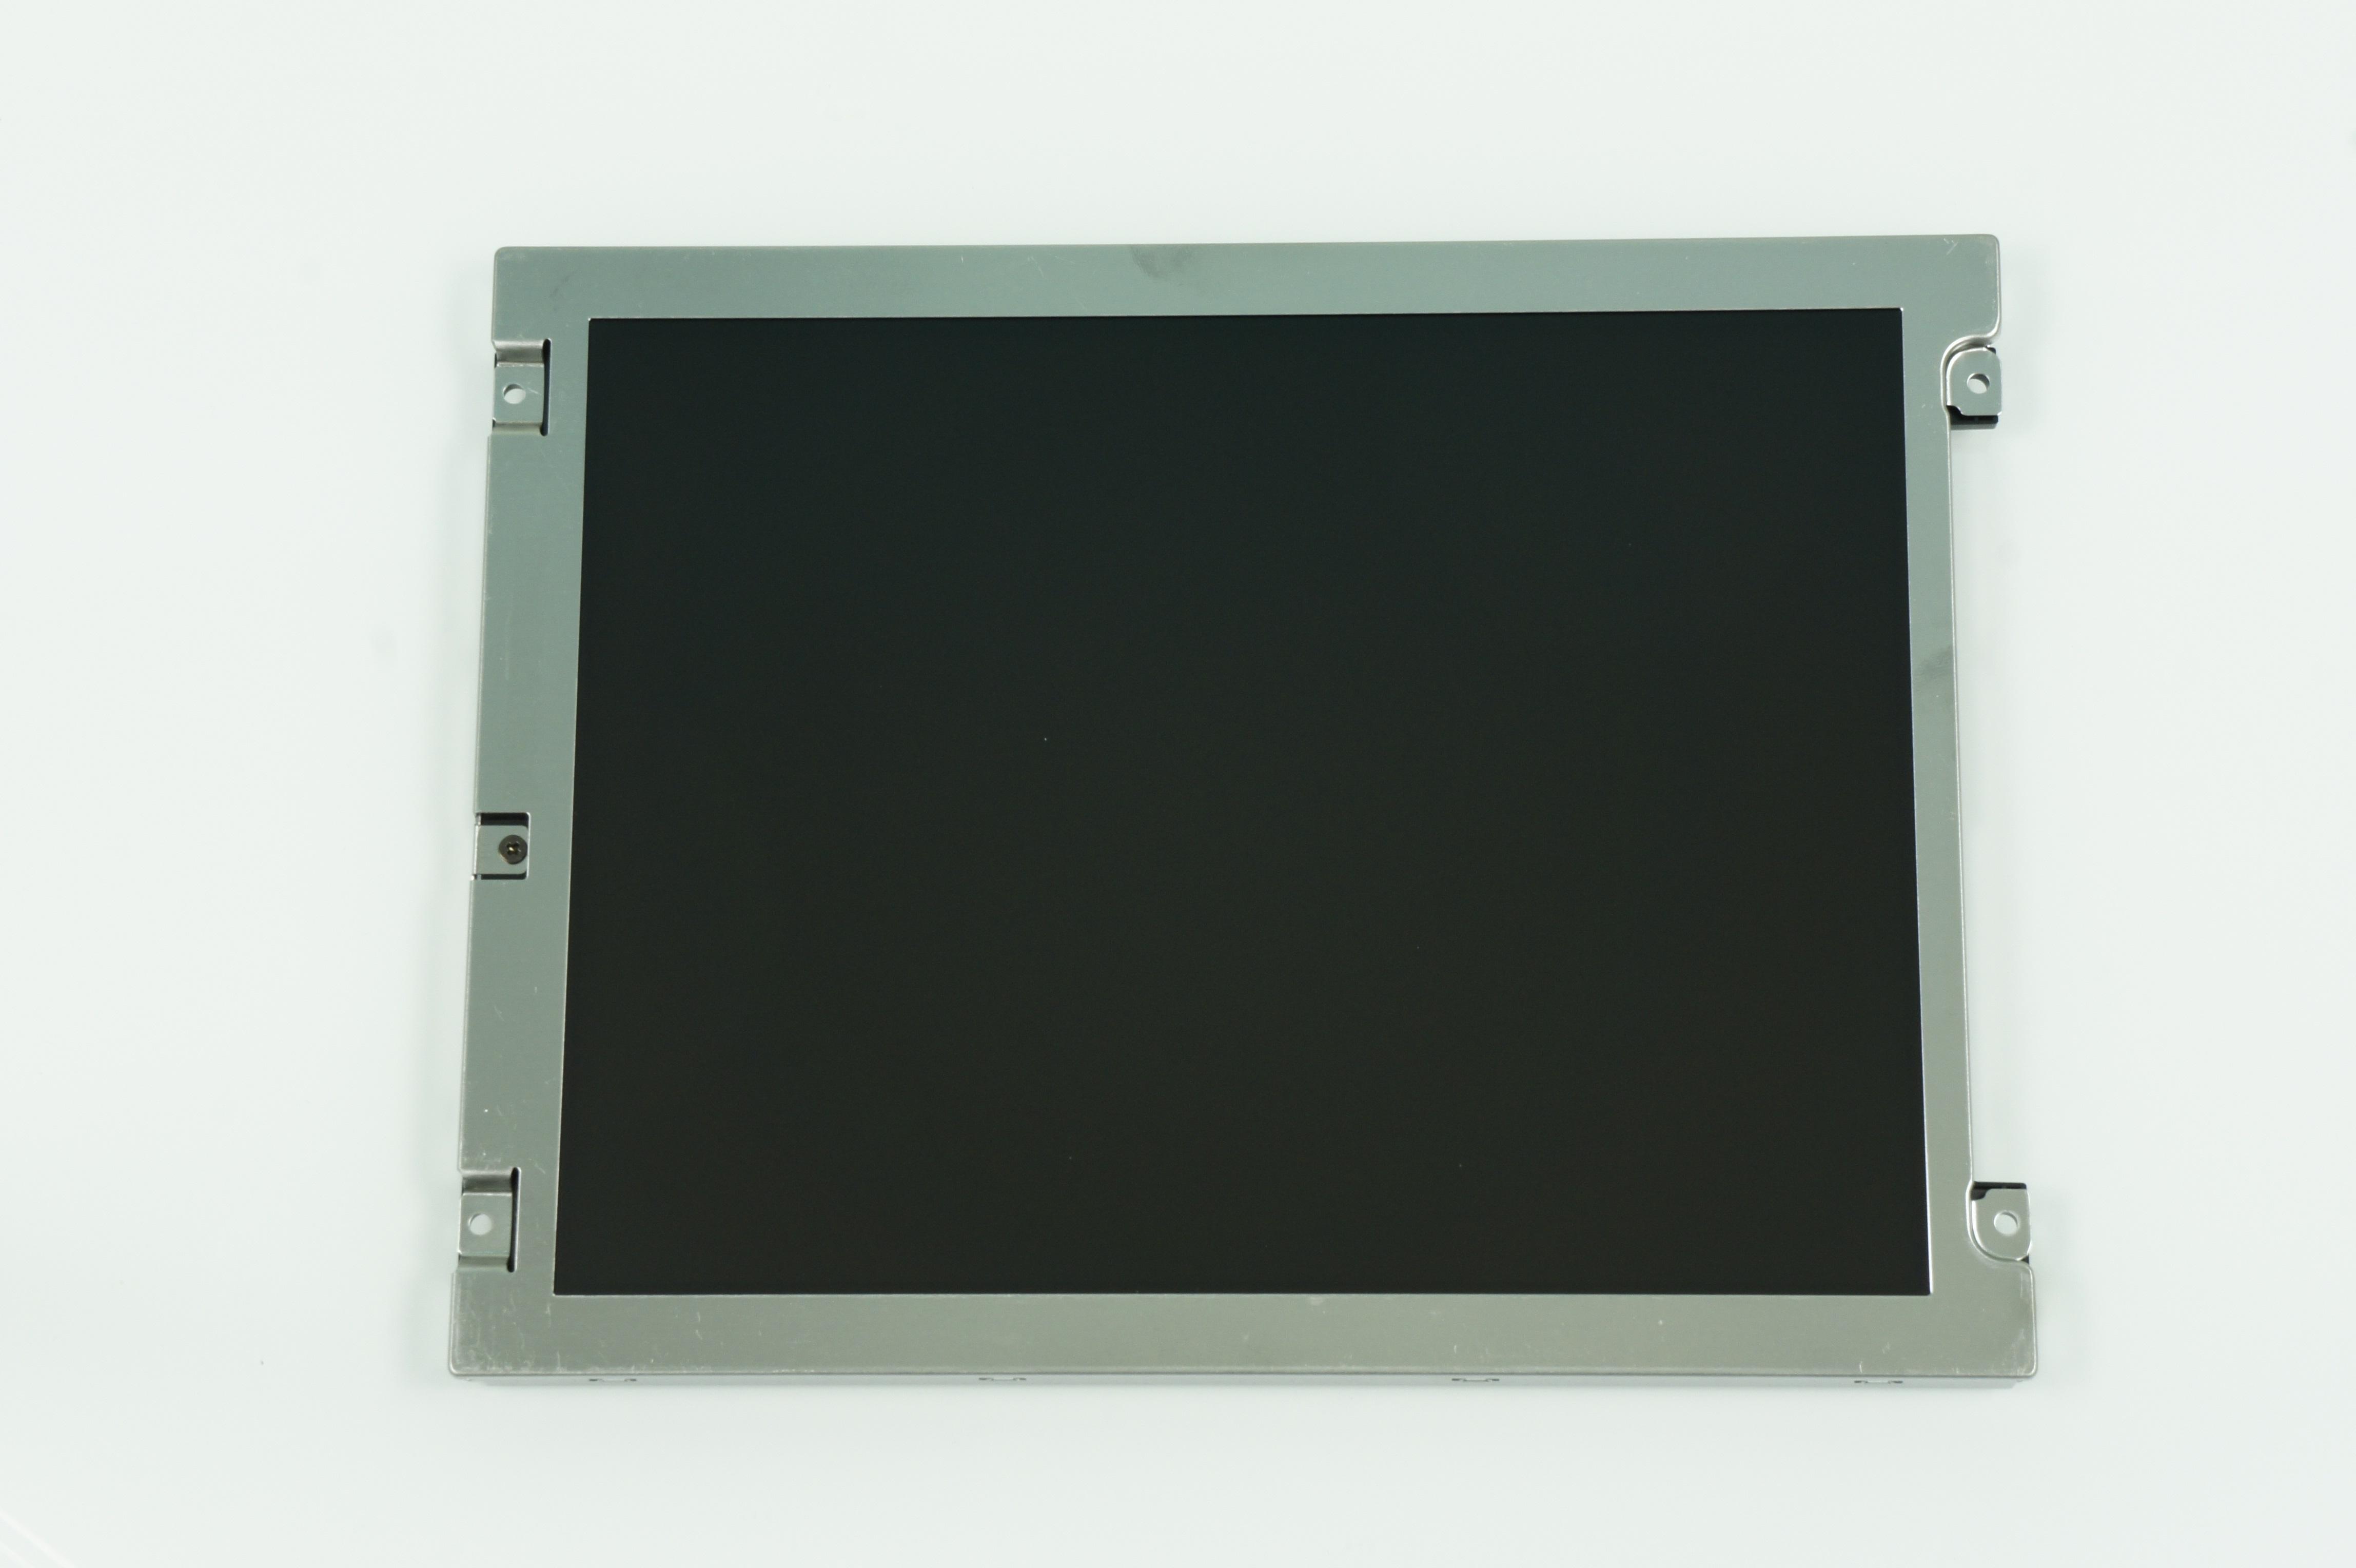 NL8060AC21-21D